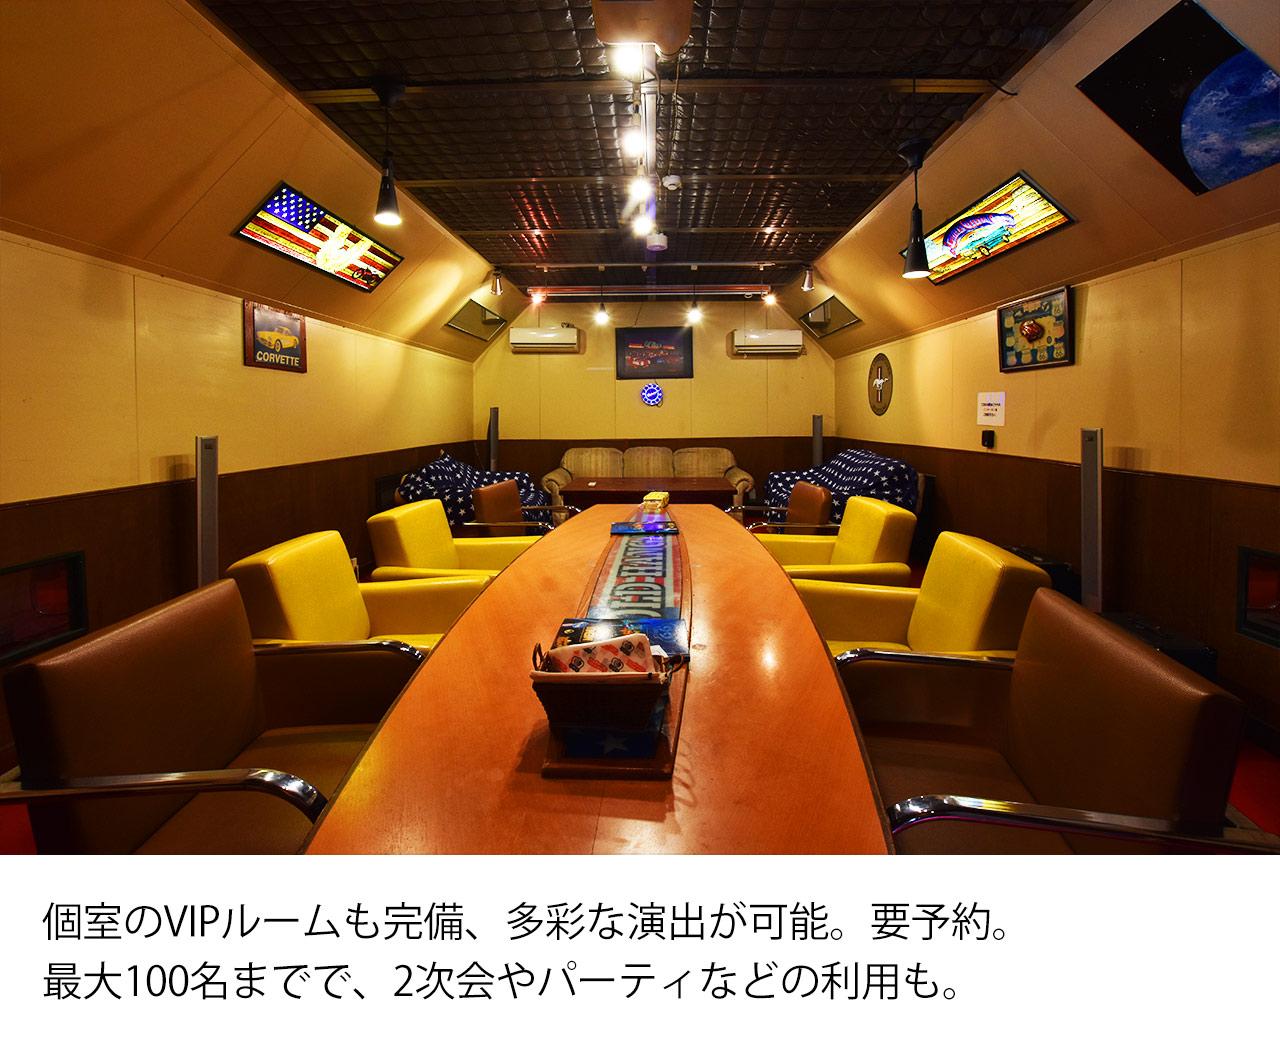 個室のVIPルームも完備、多彩な演出が可能。要予約。最大100名までで、2次会やパーティなどの利用も。